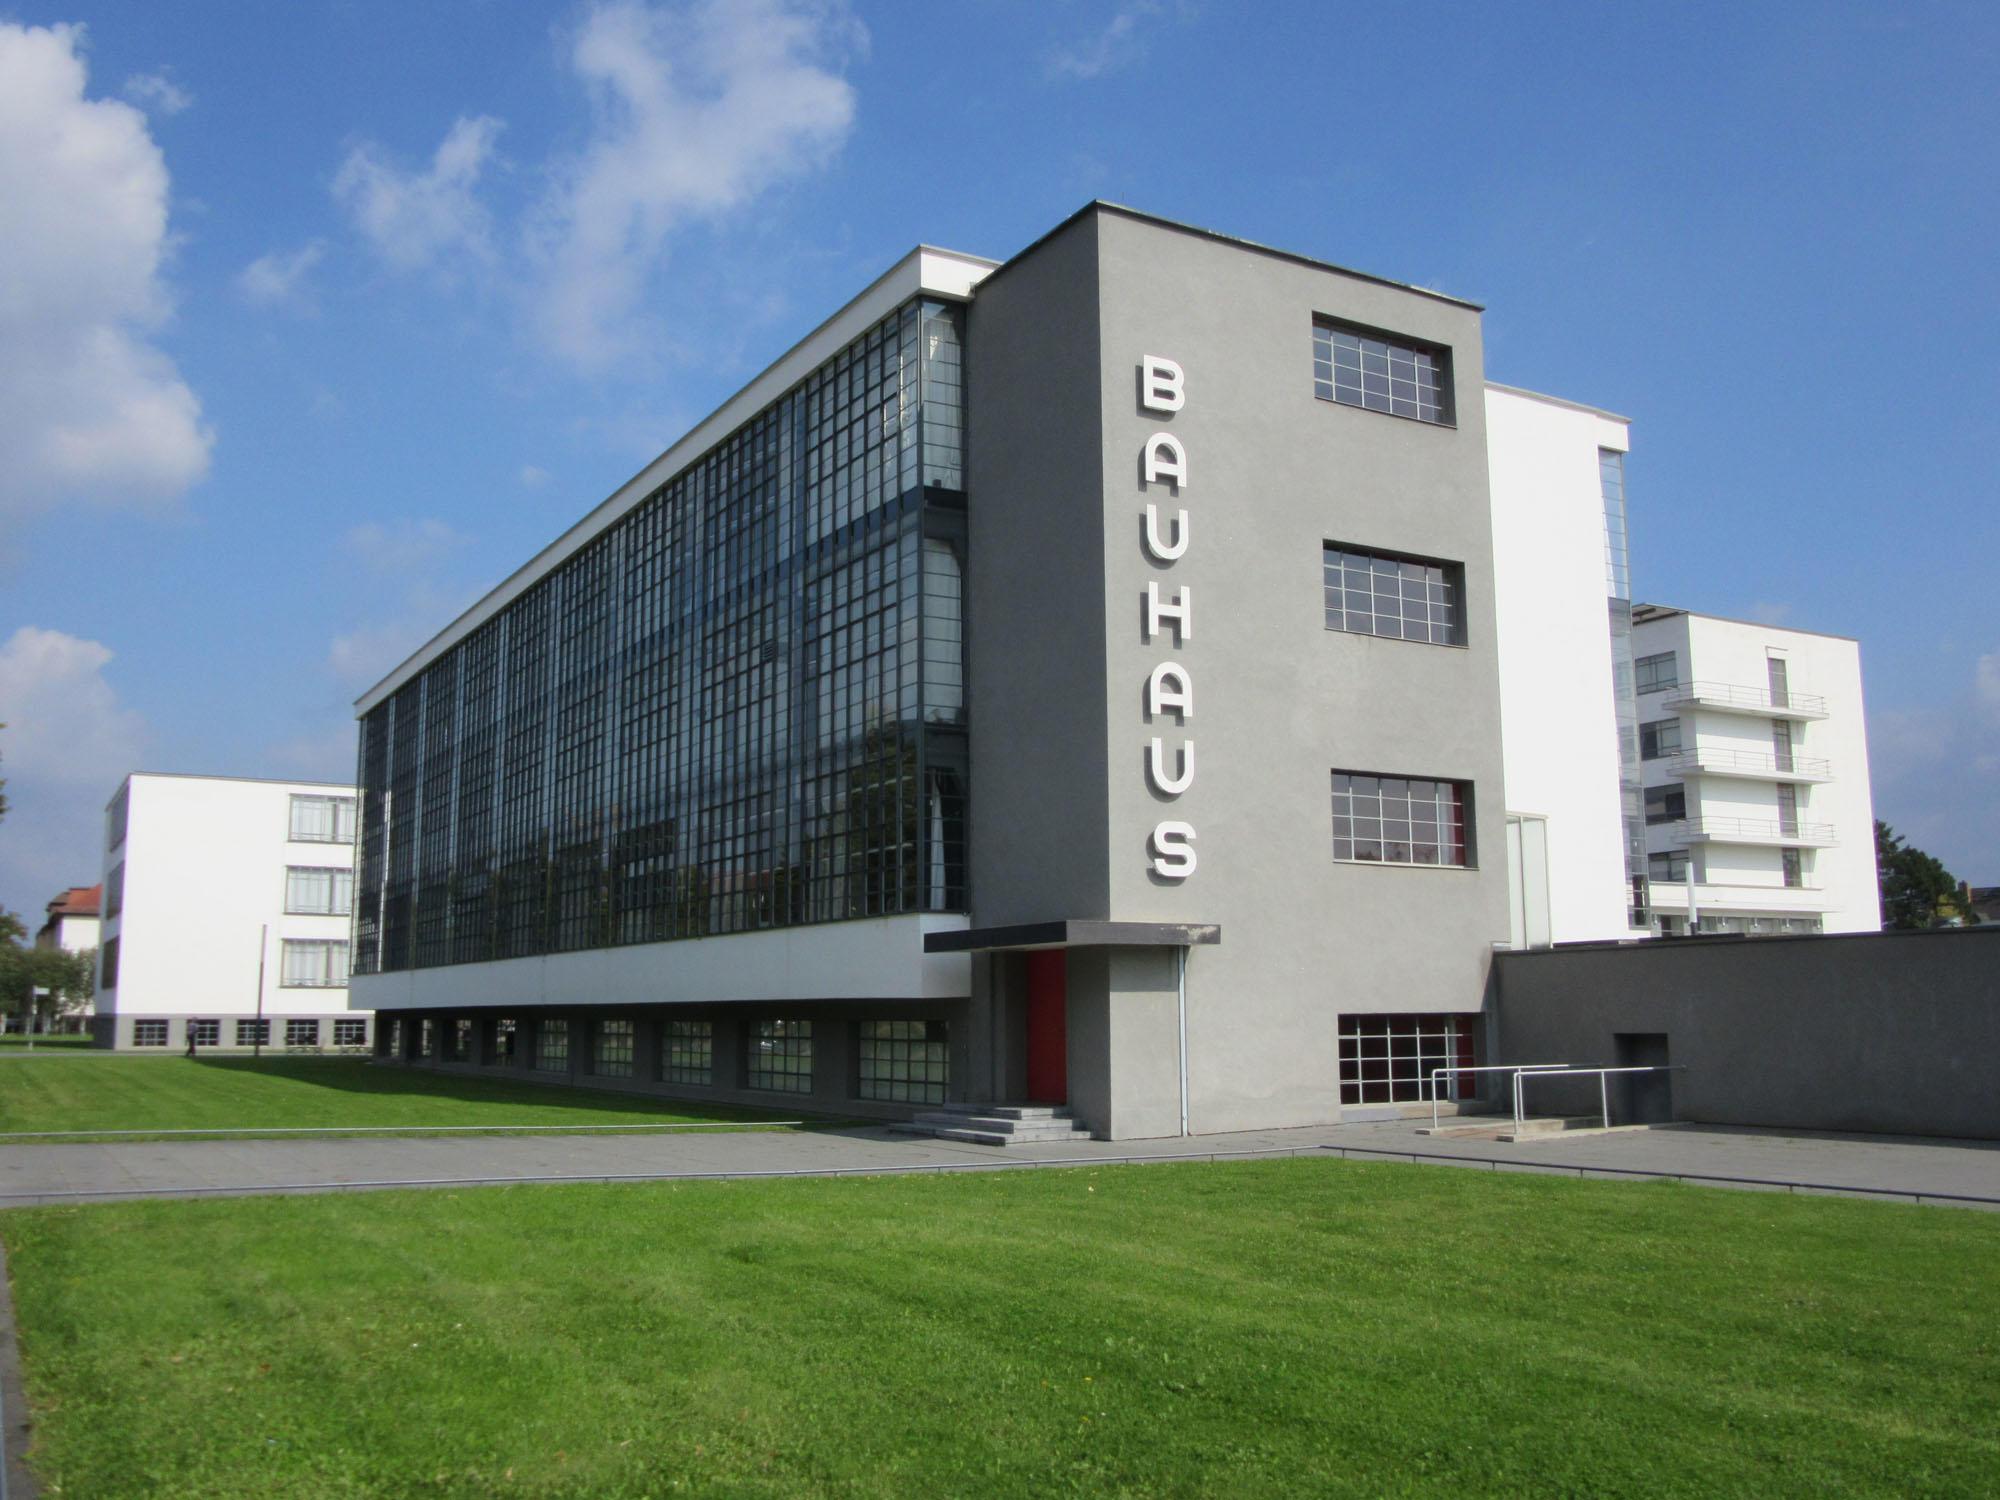 開校100年 きたれ、バウハウス ―造形教育の基礎―